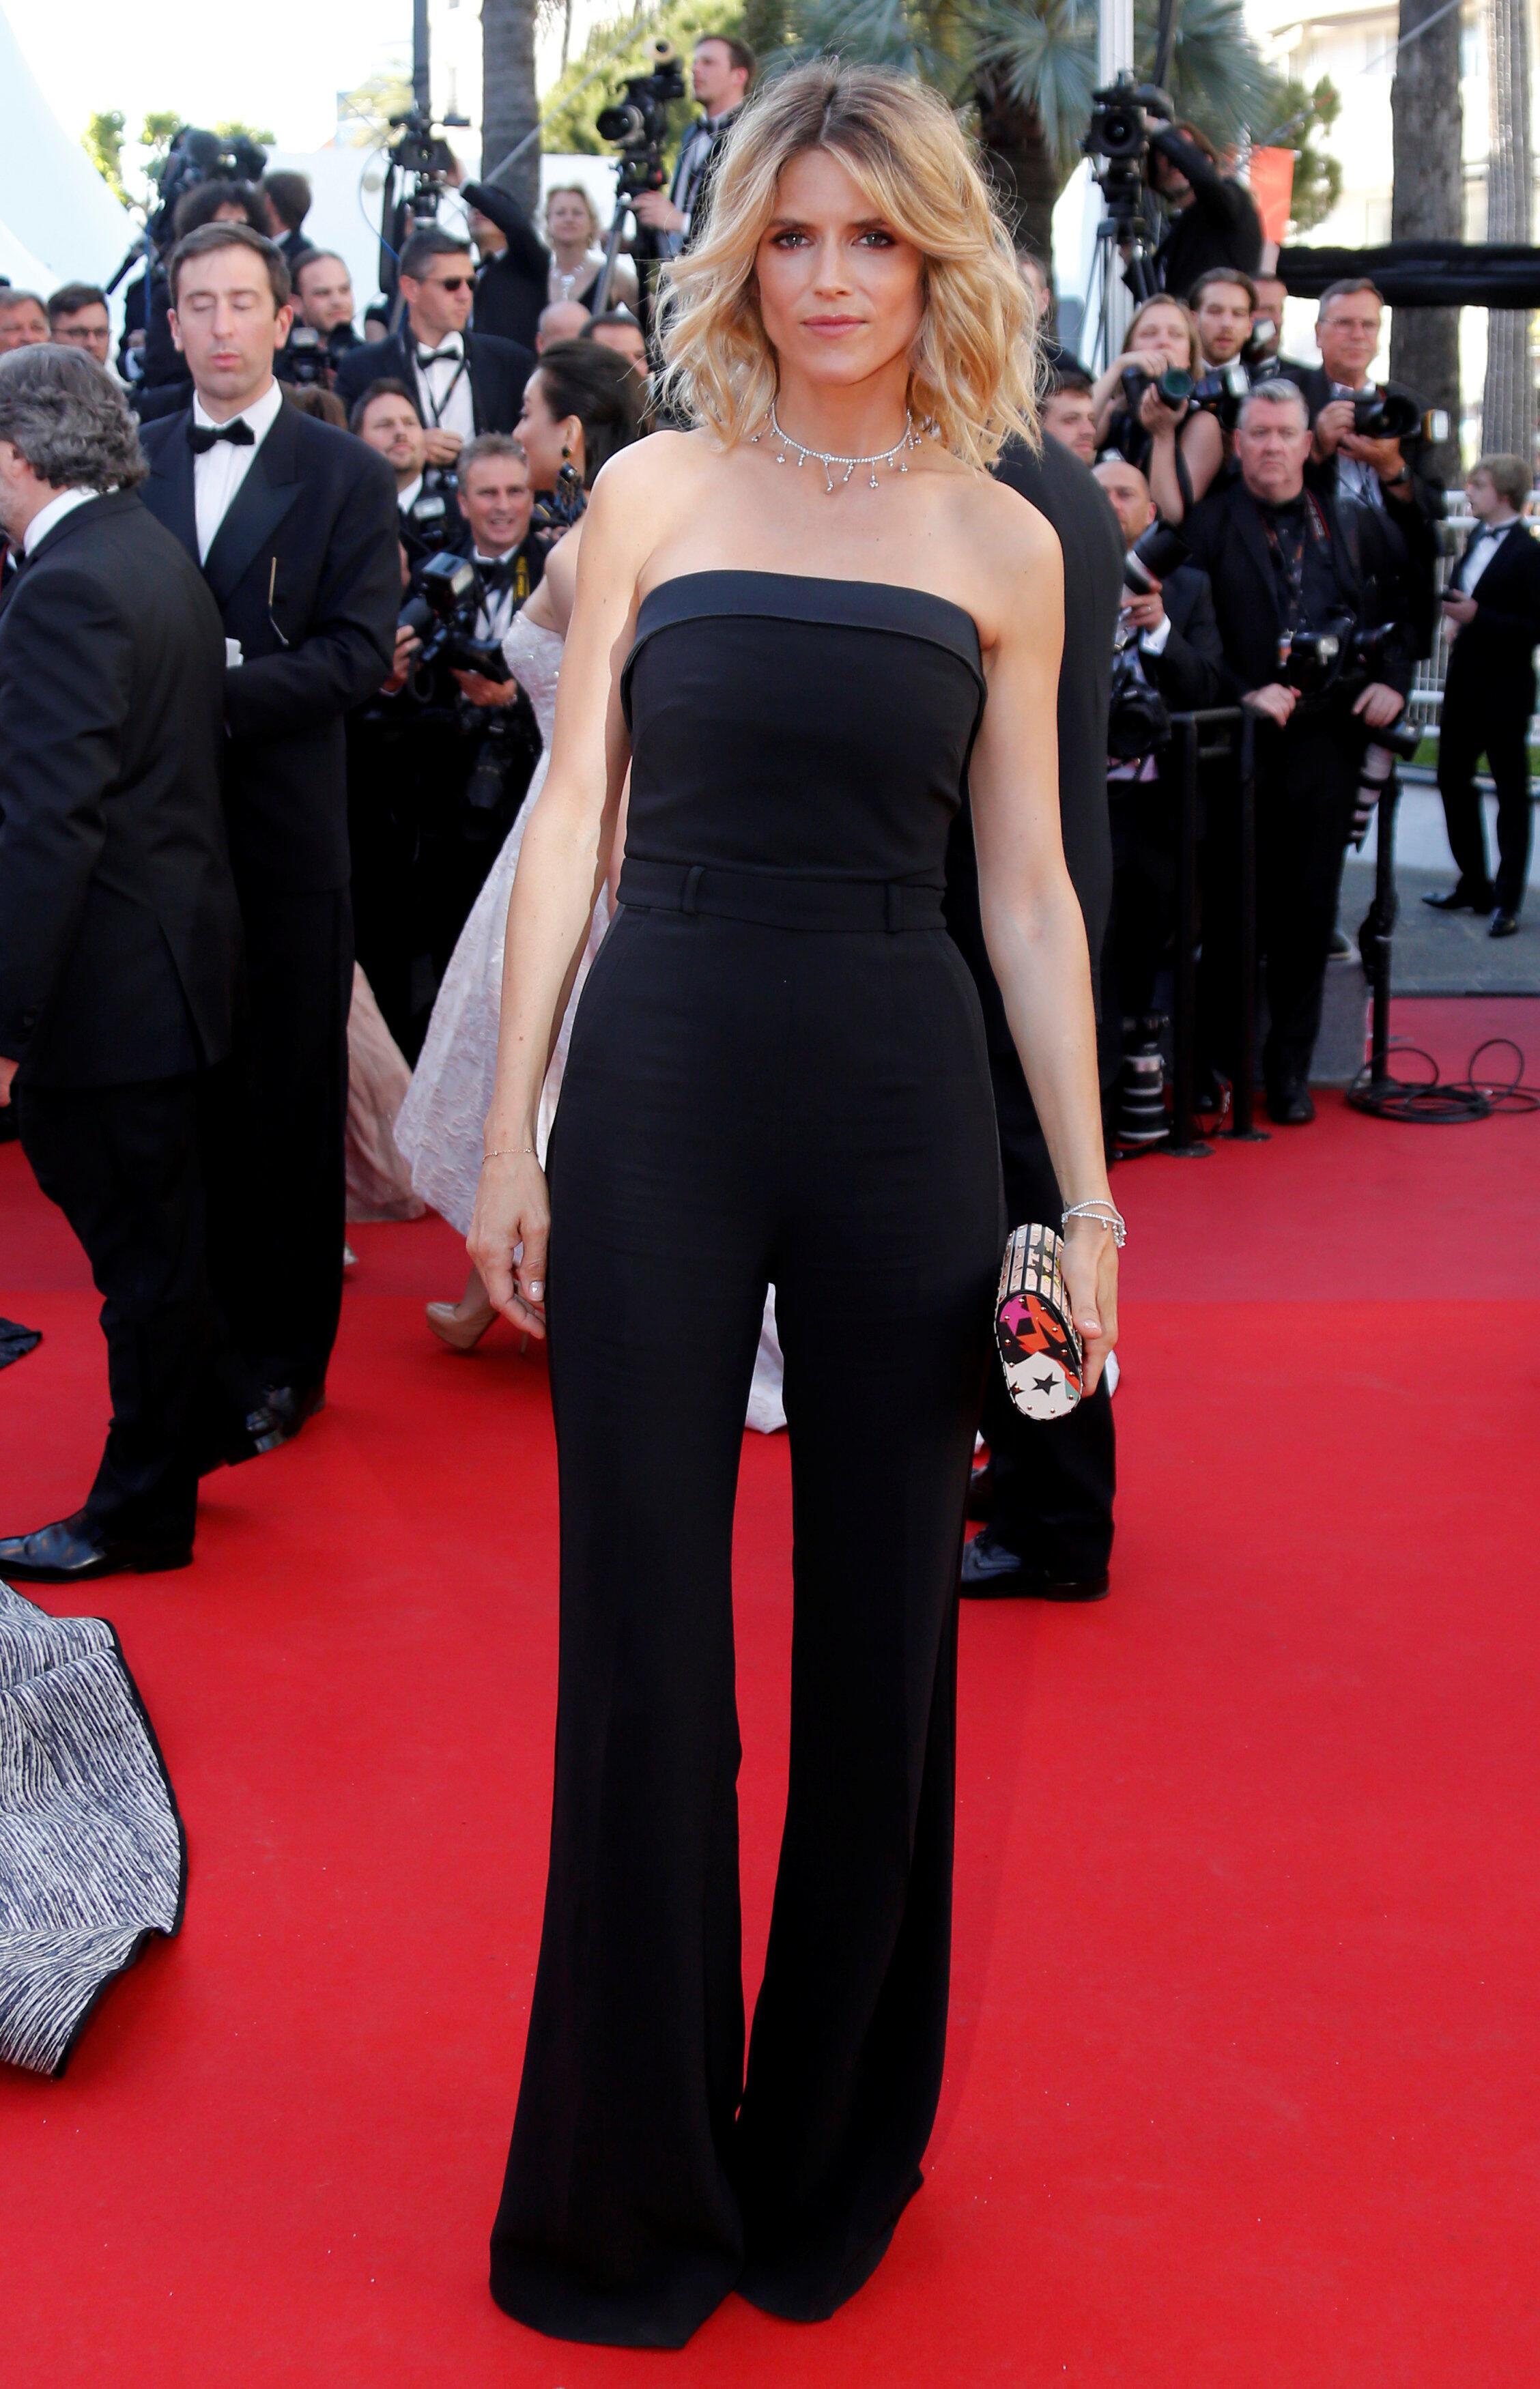 Актриса Алис Тальони, подруга популярного французского телеведущего Лорана Делаусса, в черном